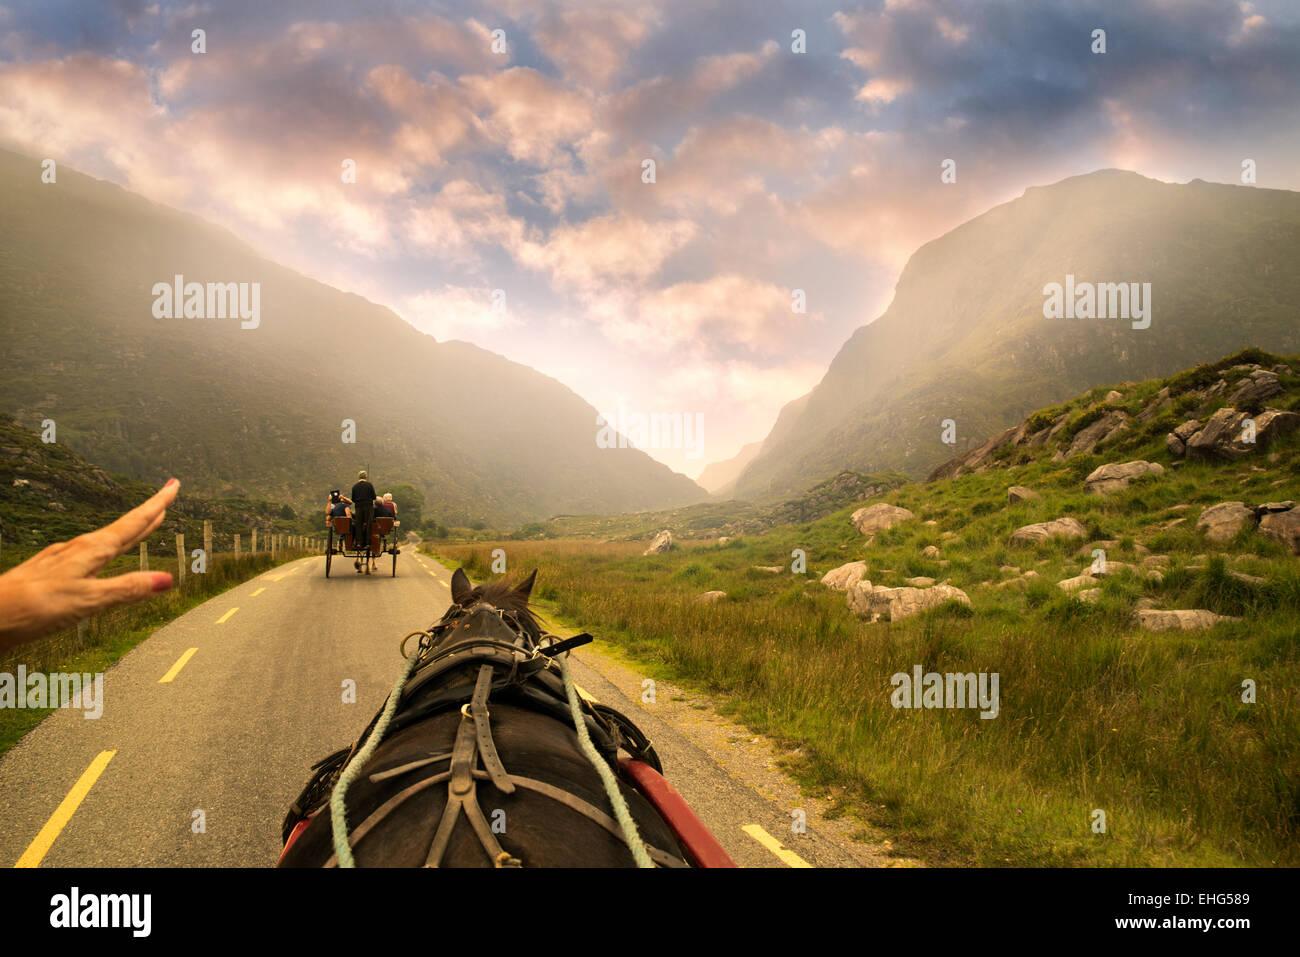 Pferdekutsche Kutsche Auto unterwegs mit der Hand weist uns den Weg. Gap of Dunloe, Irland Stockbild